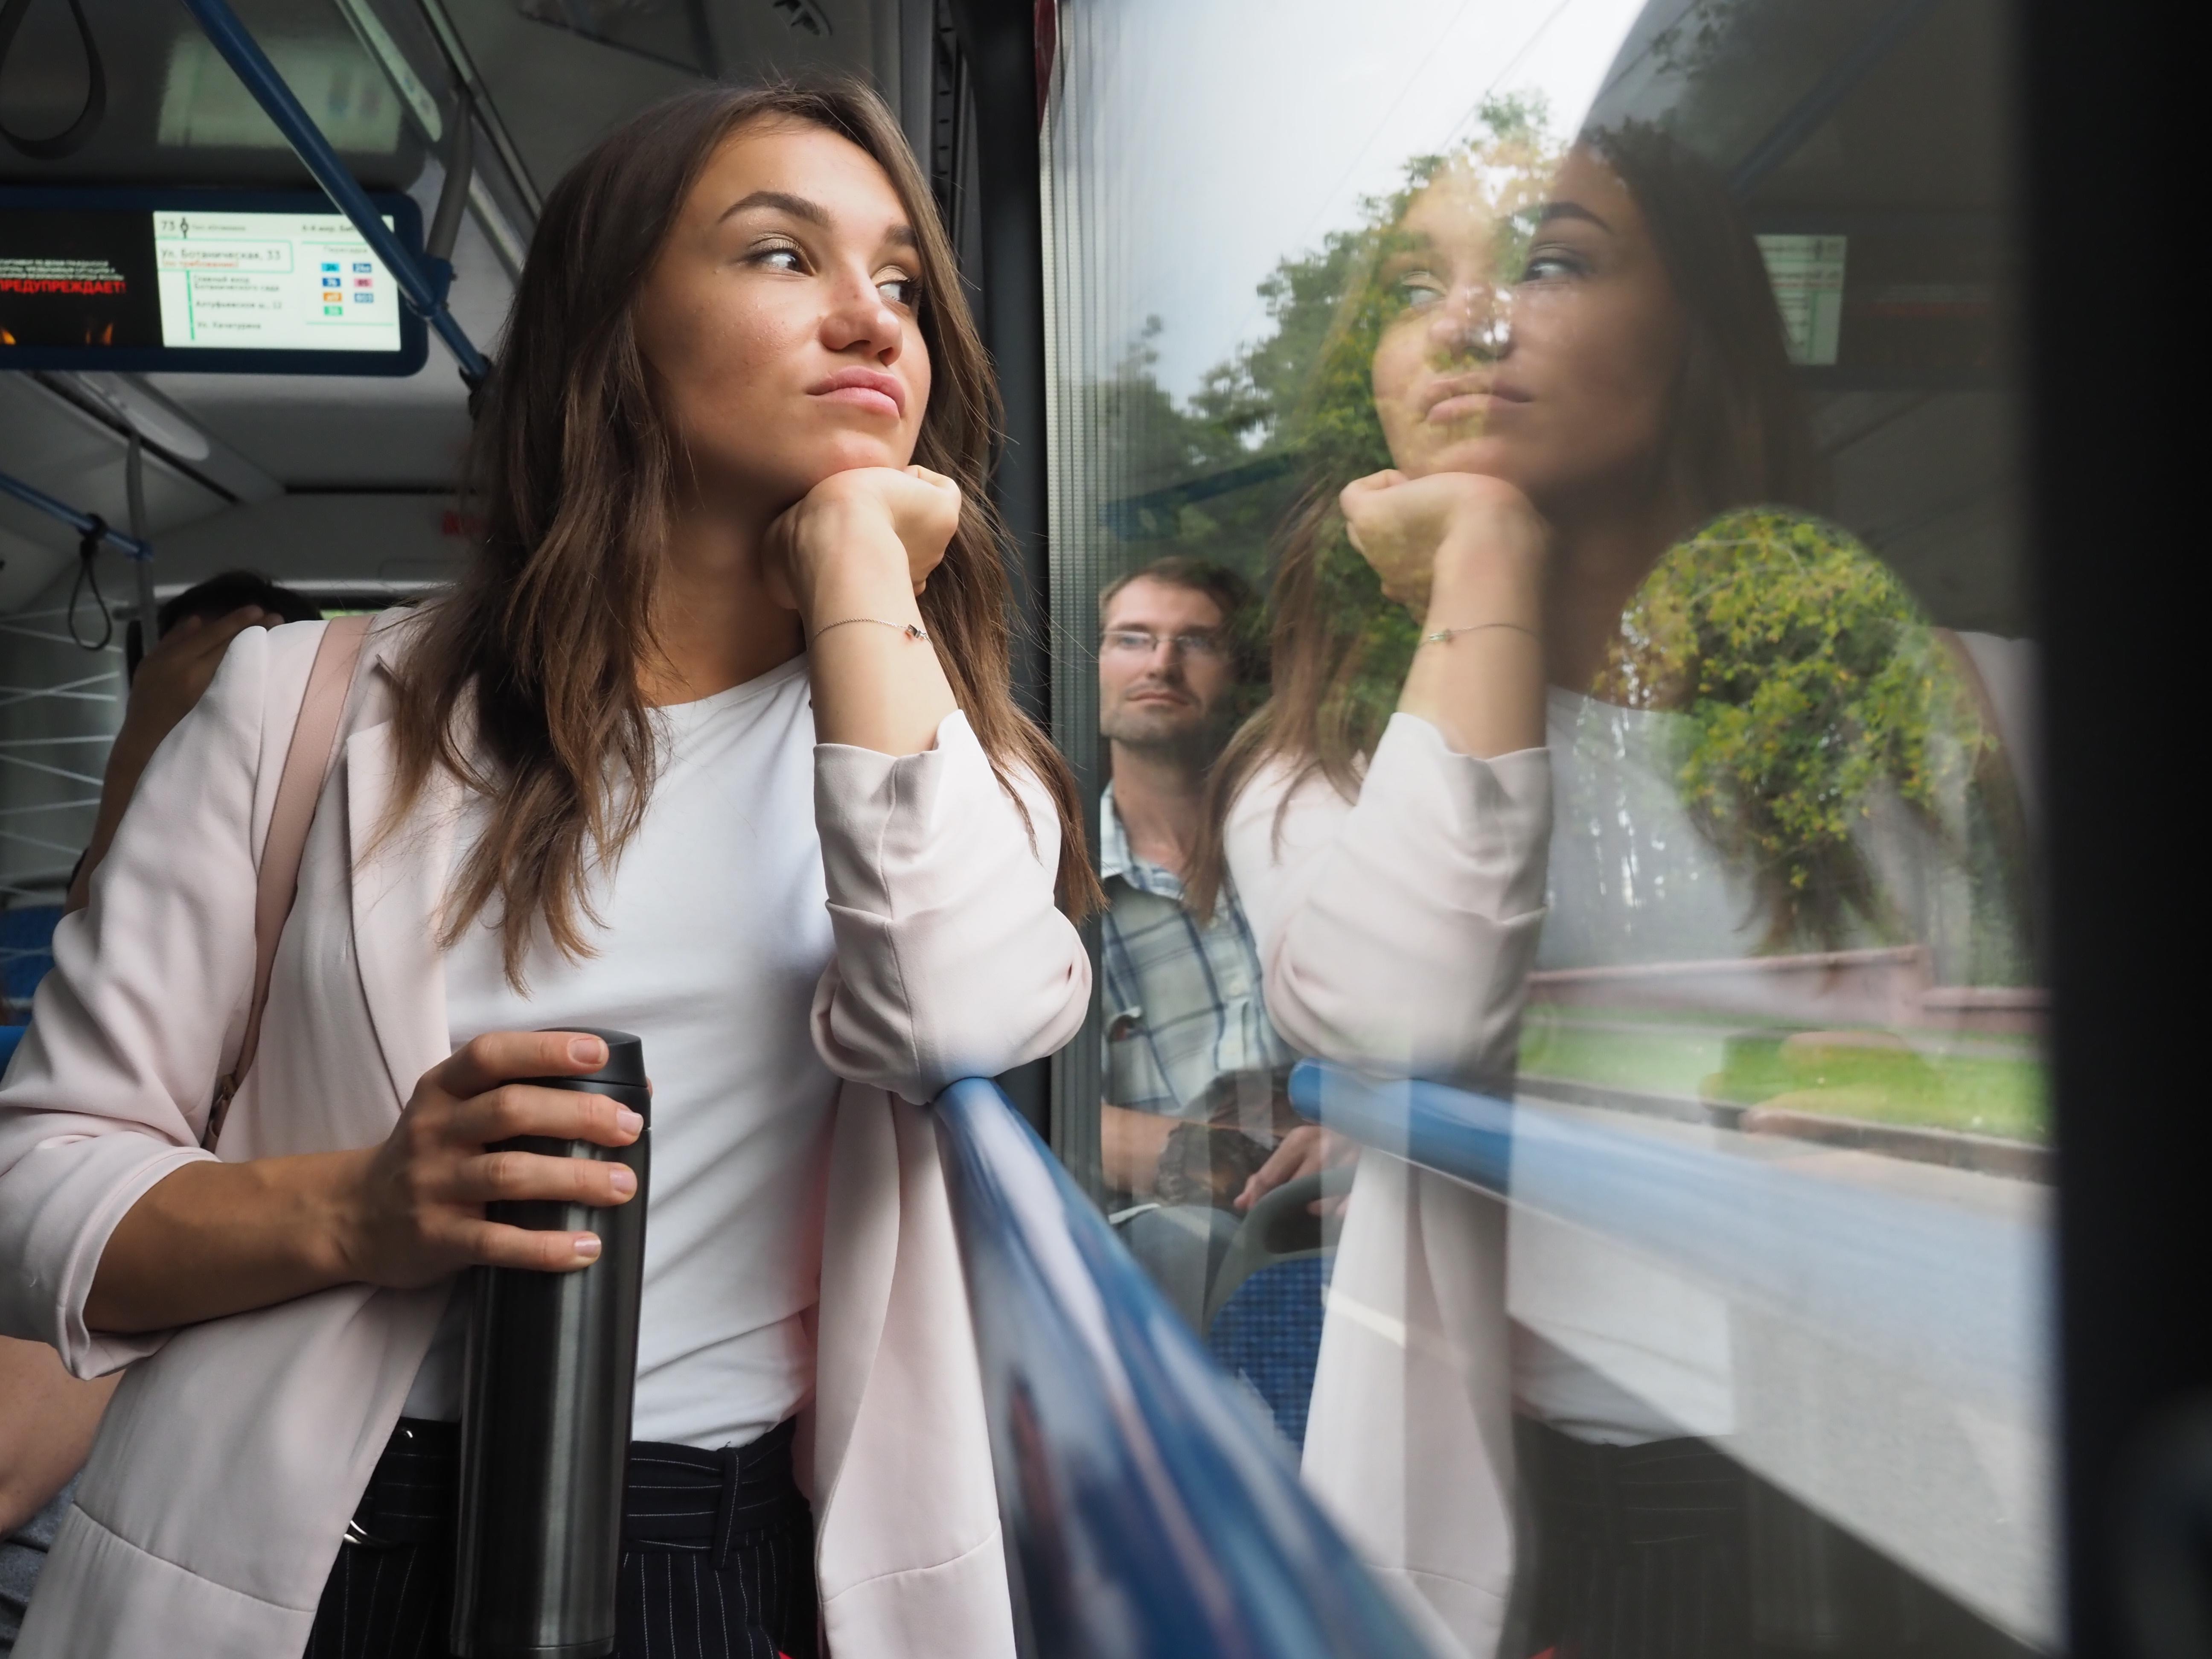 Ежесуточный пассажиропоток в Новой Москве увеличился до 292 тысяч человек